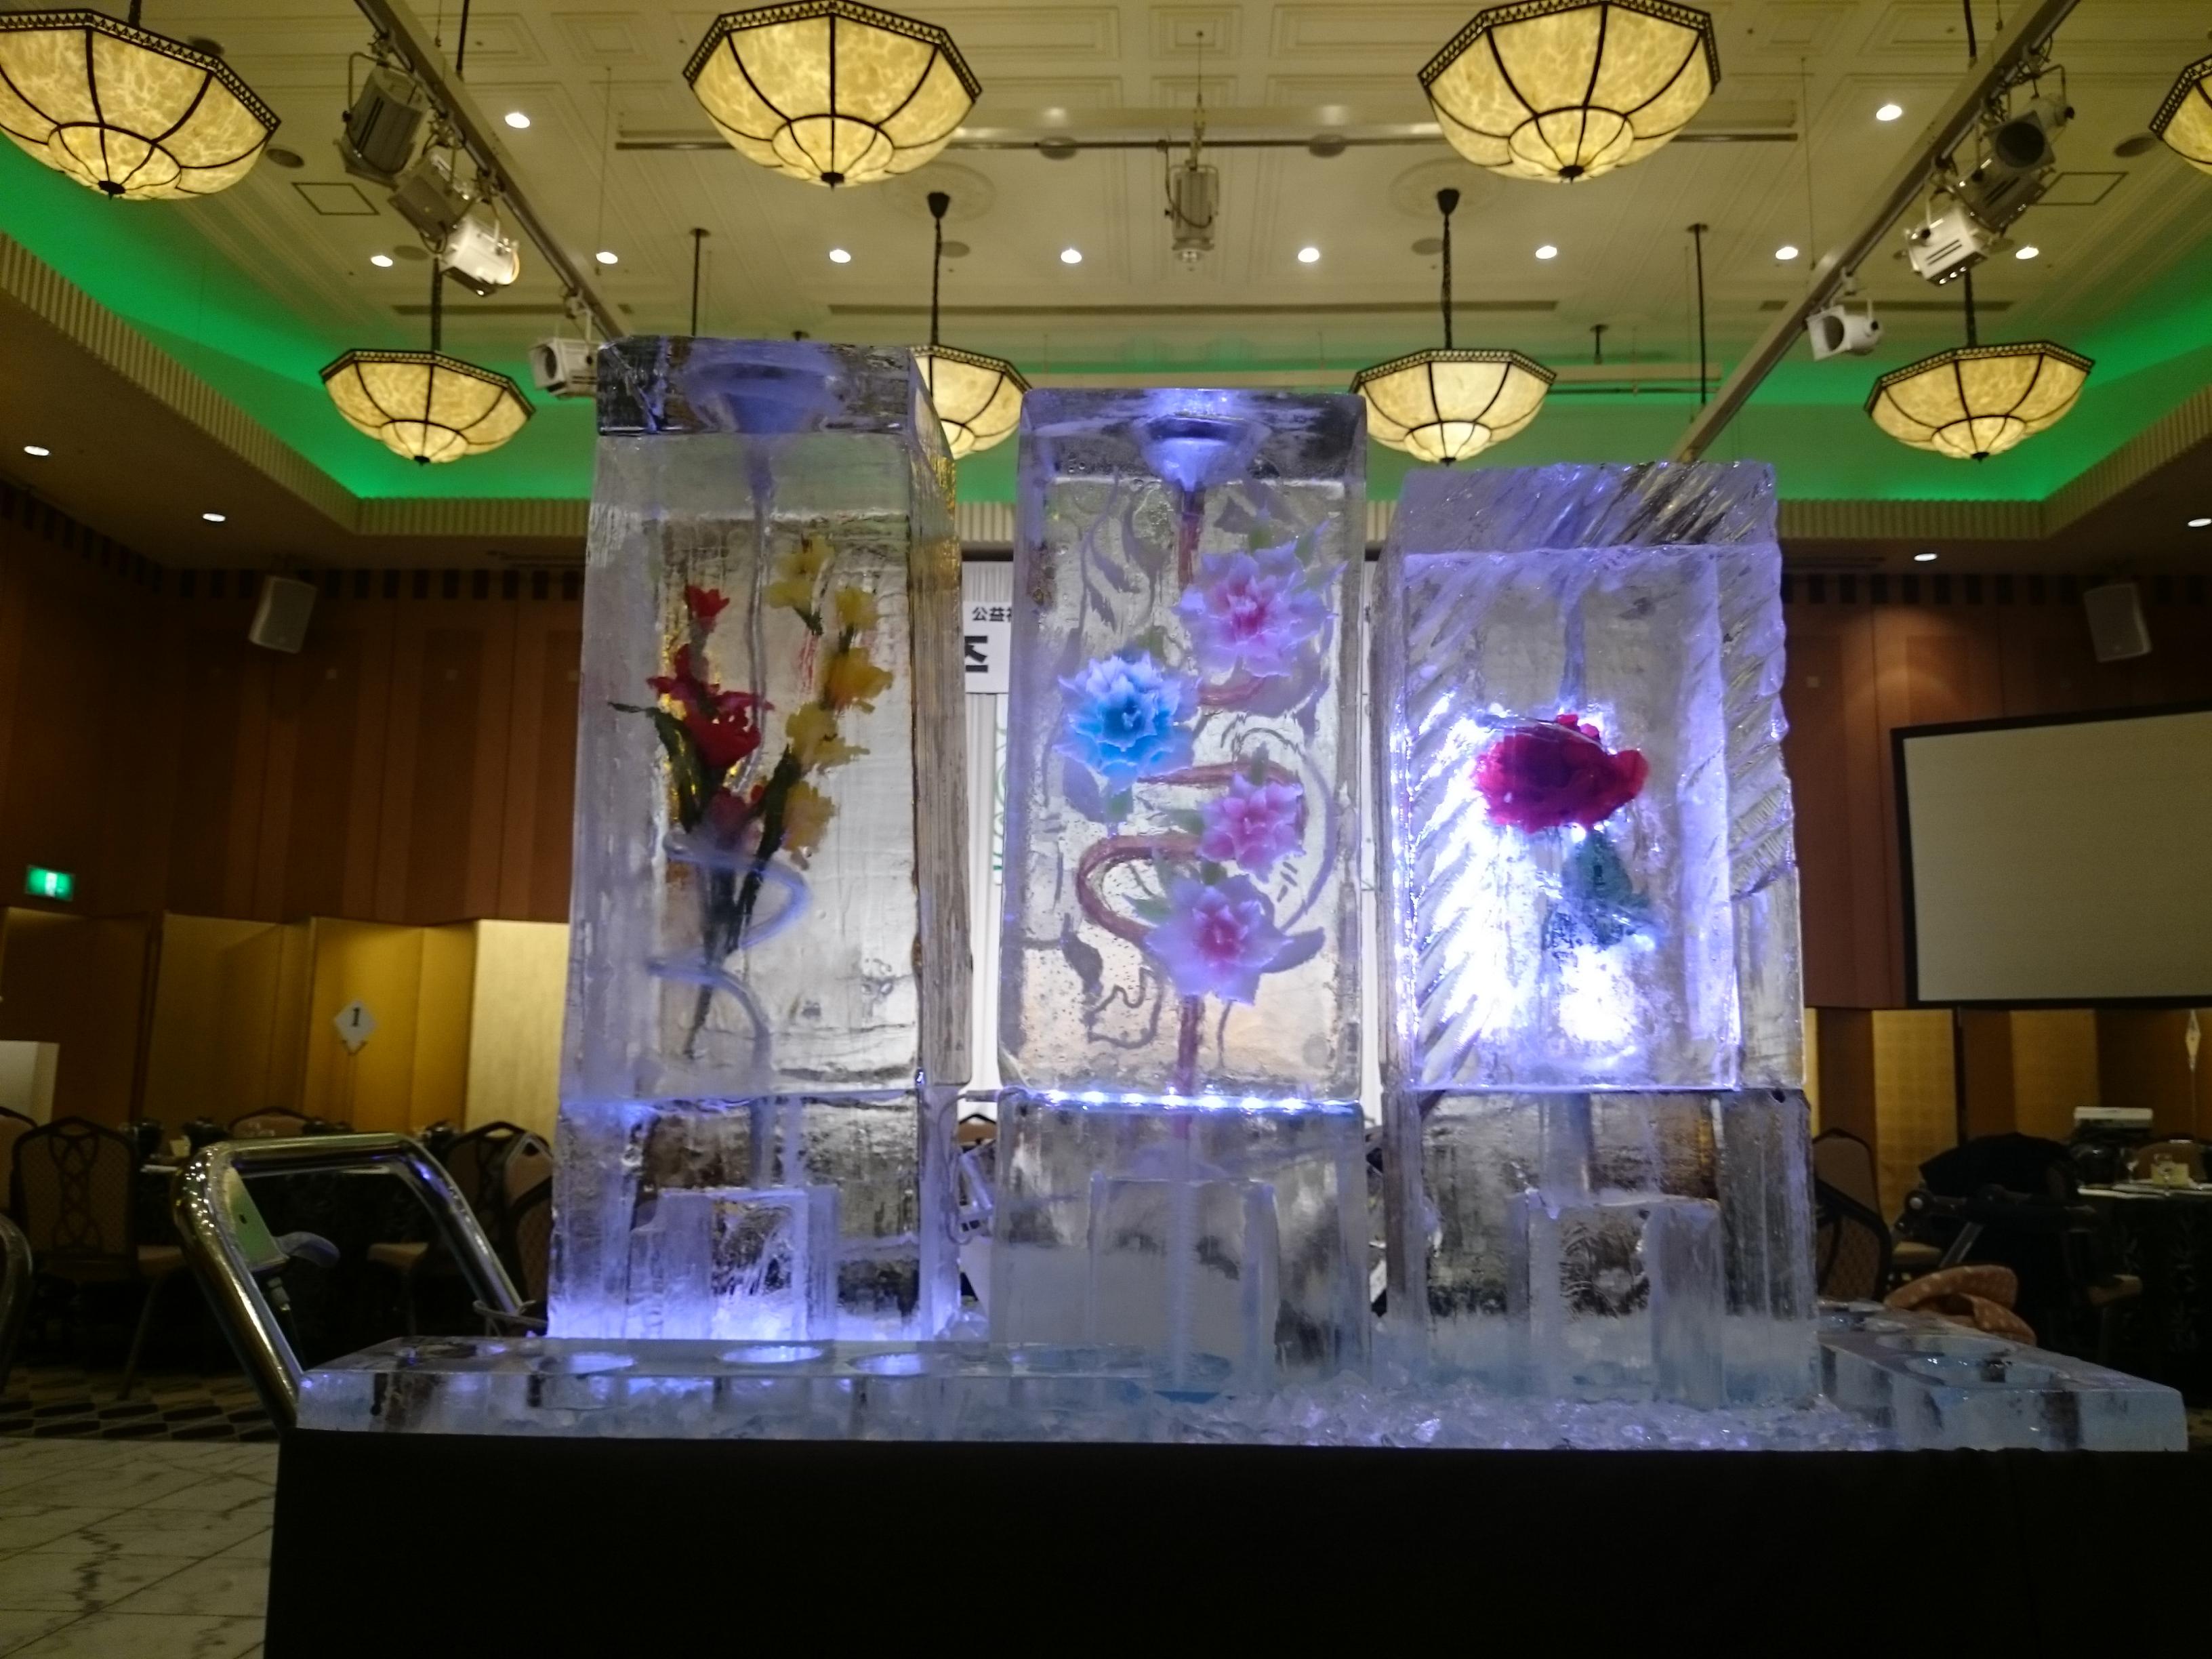 ドリンクアイスサーバー 遊ぶ氷の新商品!